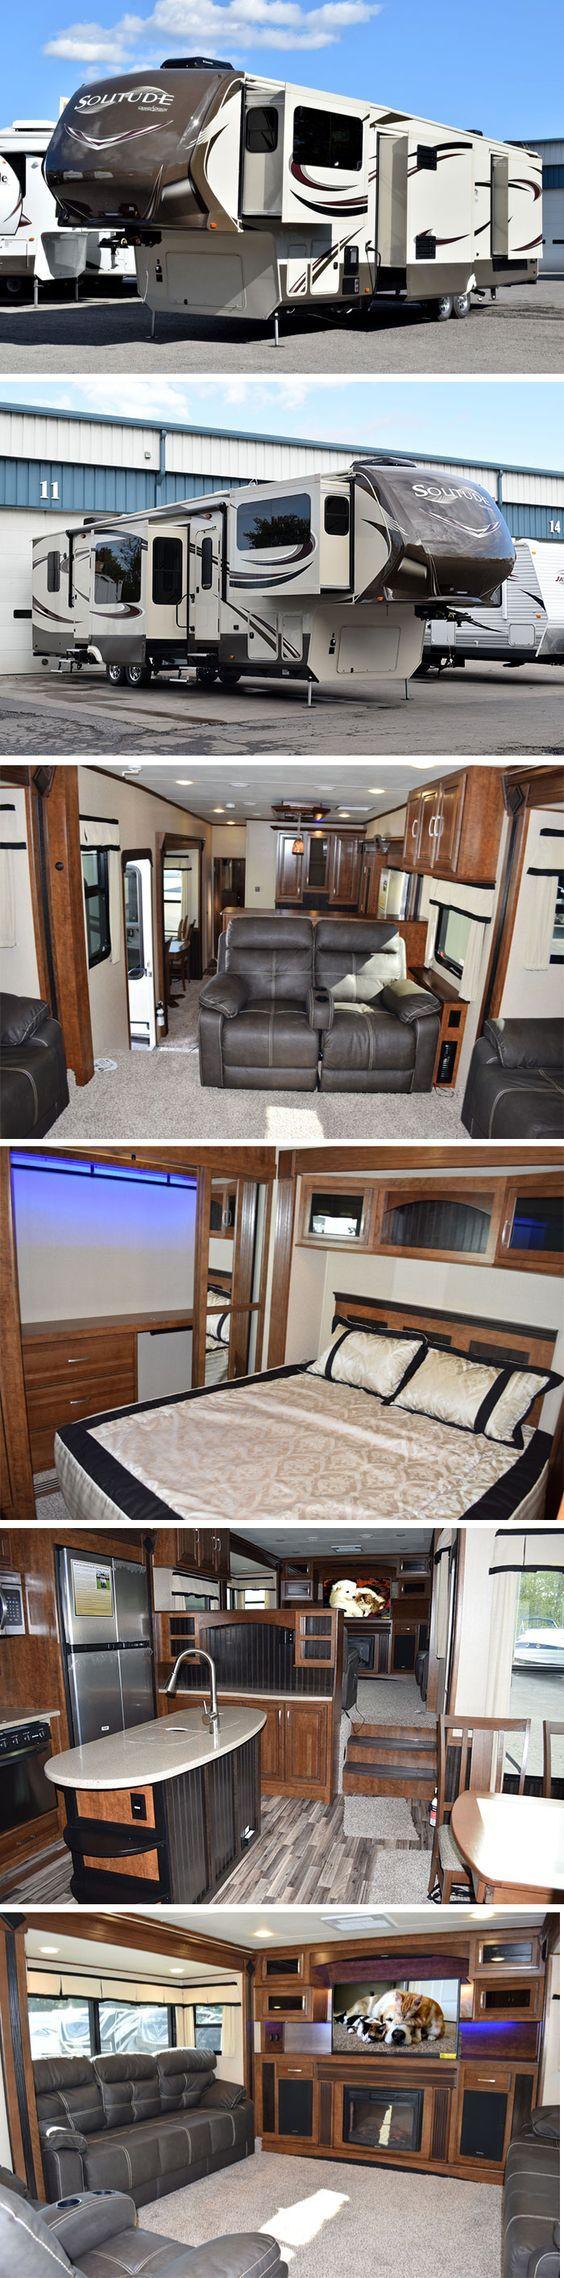 2015 Grand Design Solitude 379FL | Luxury Fifth Wheel RV